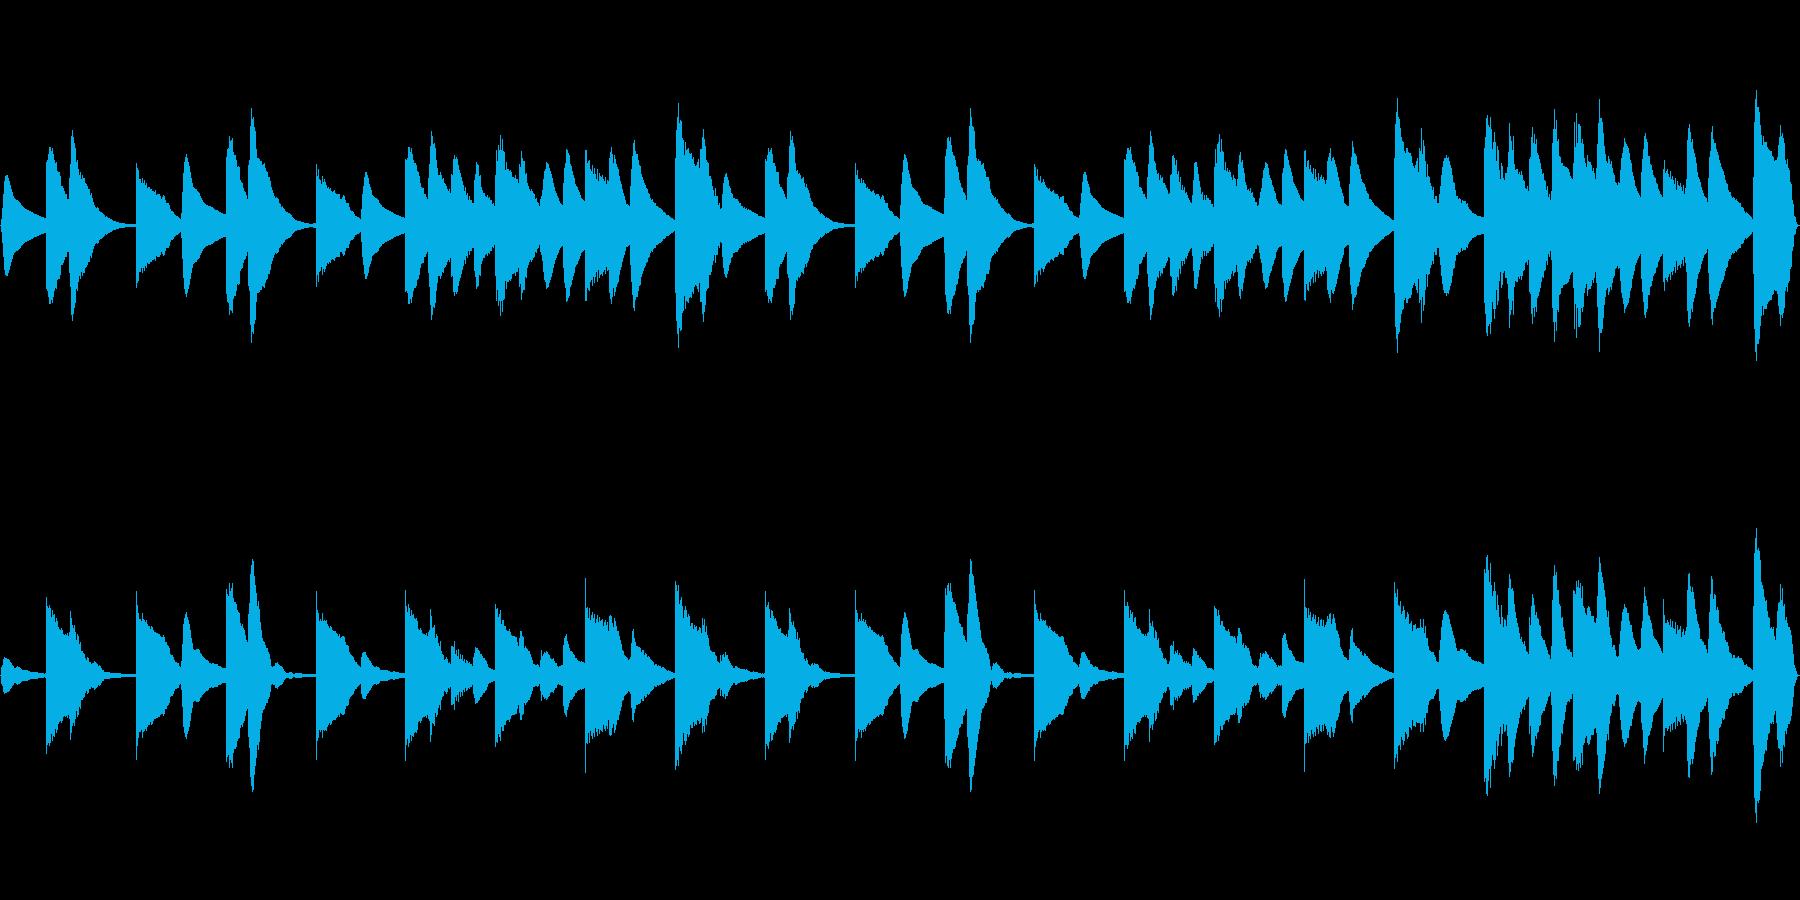 木琴と鉄琴の淡々とした静かなBGMの再生済みの波形